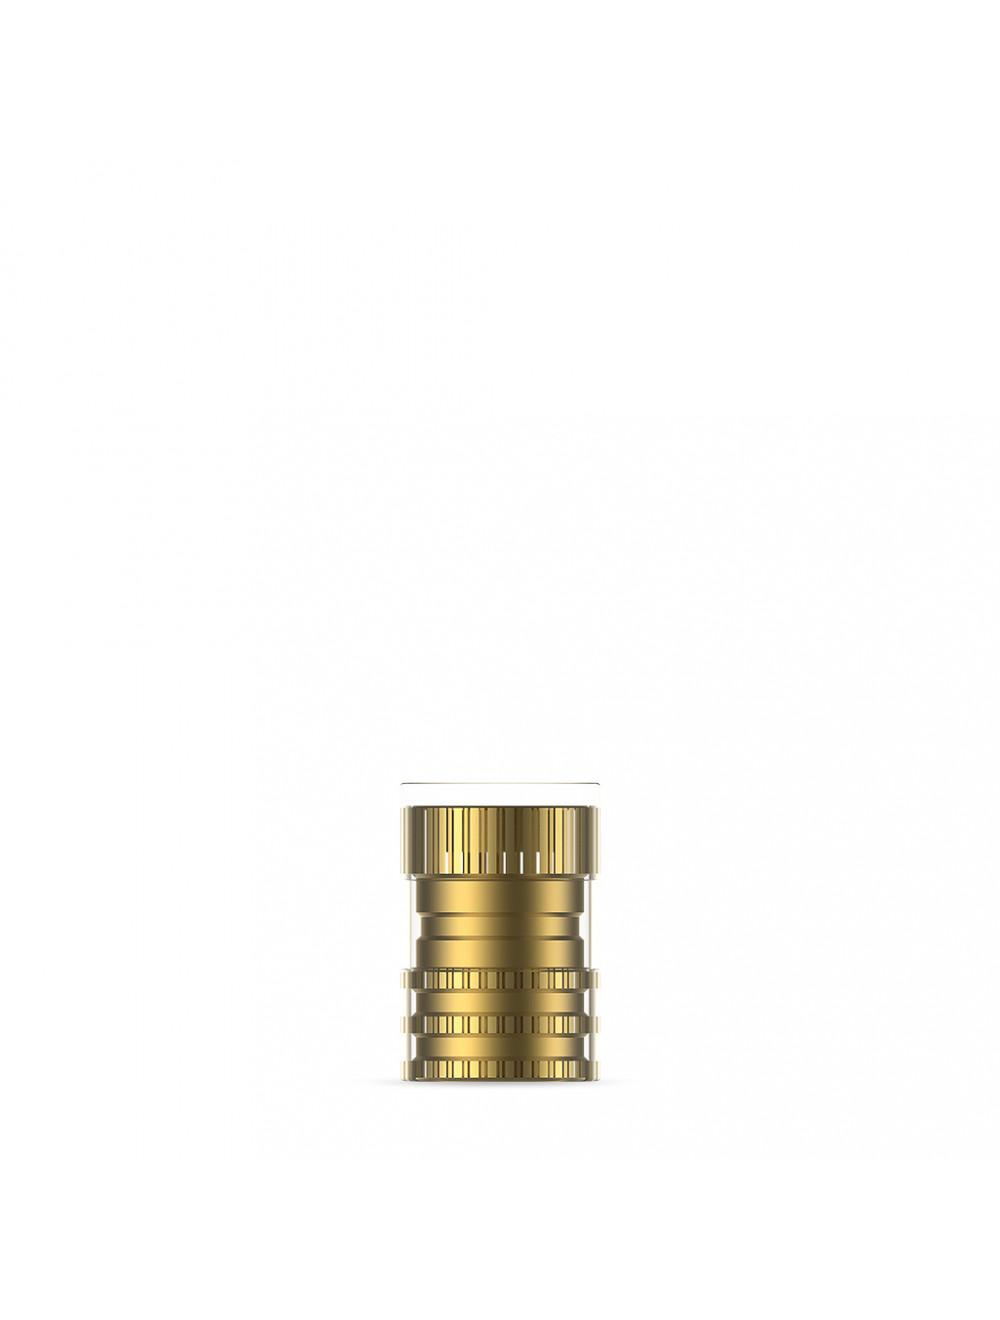 Das Produkt MK-dent LED Lampe BU8012NM aus dem Global-dent online shop.